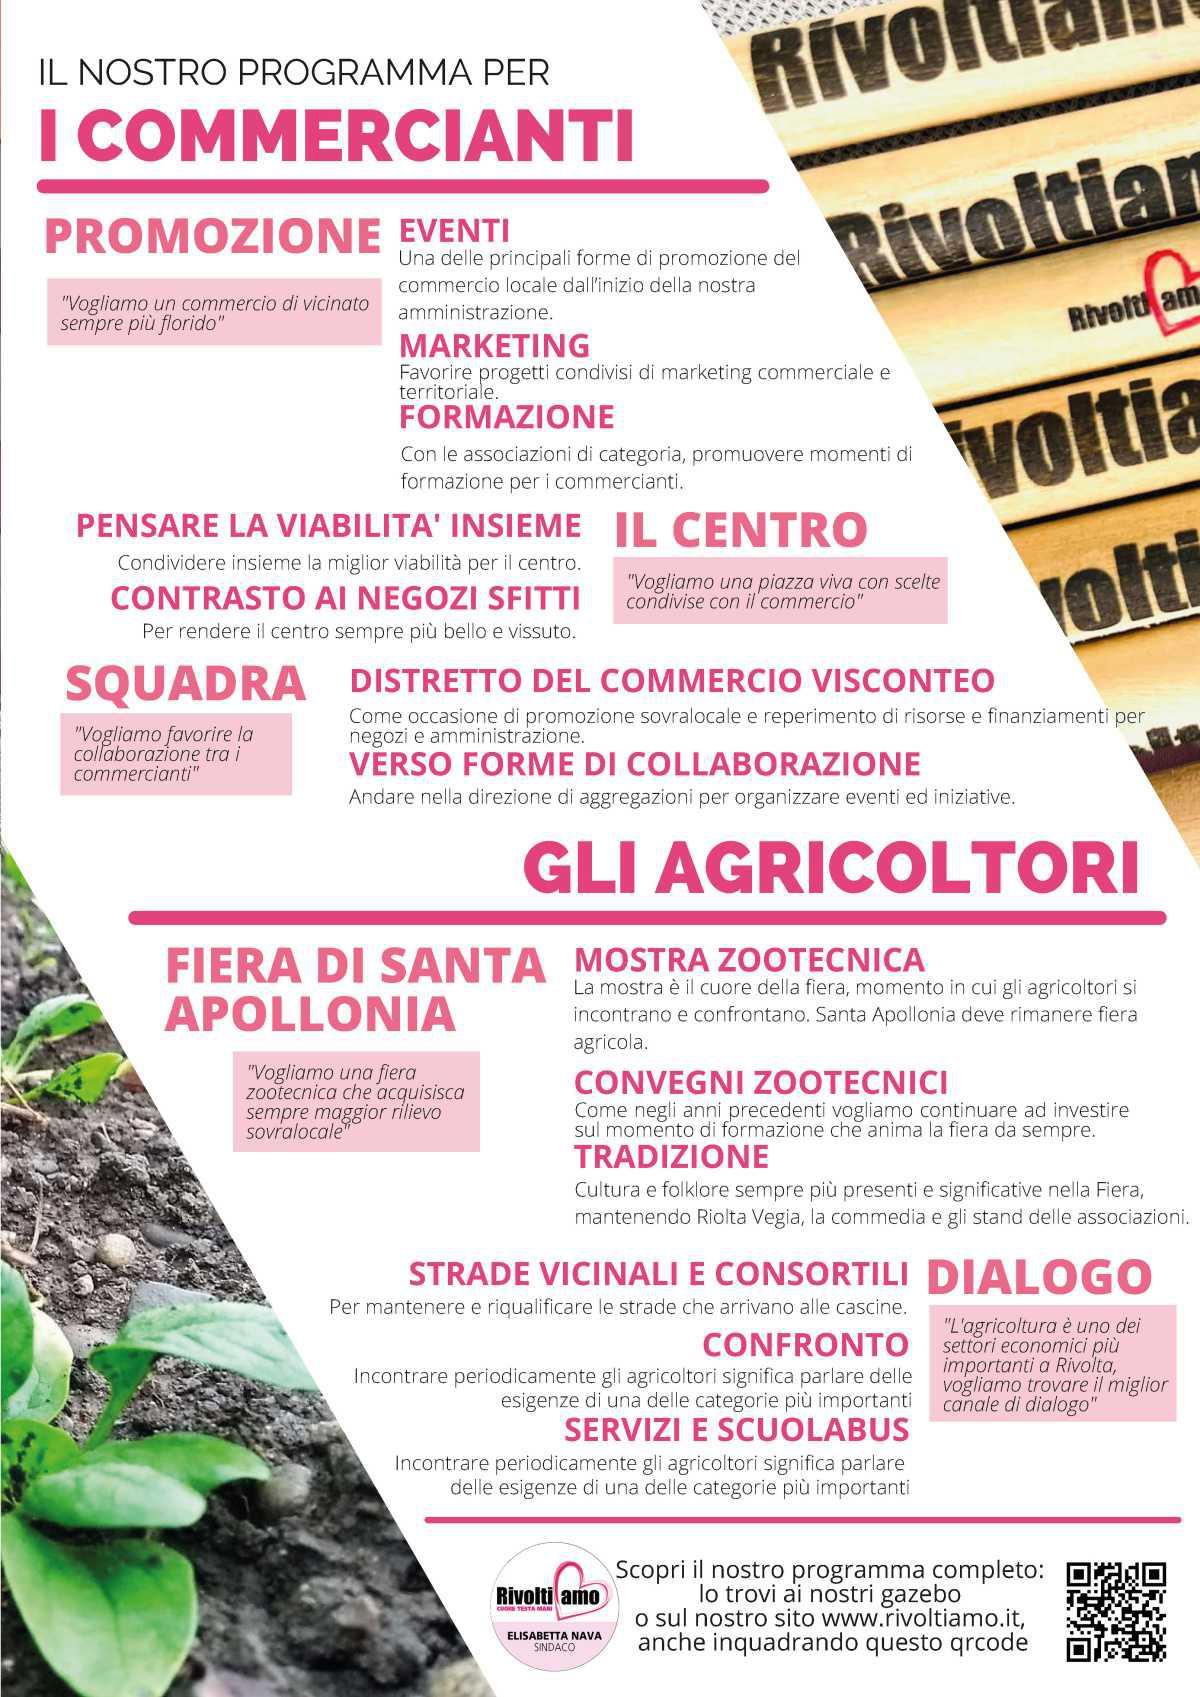 I COMMERCIANTI - GLI AGRICOLTORI